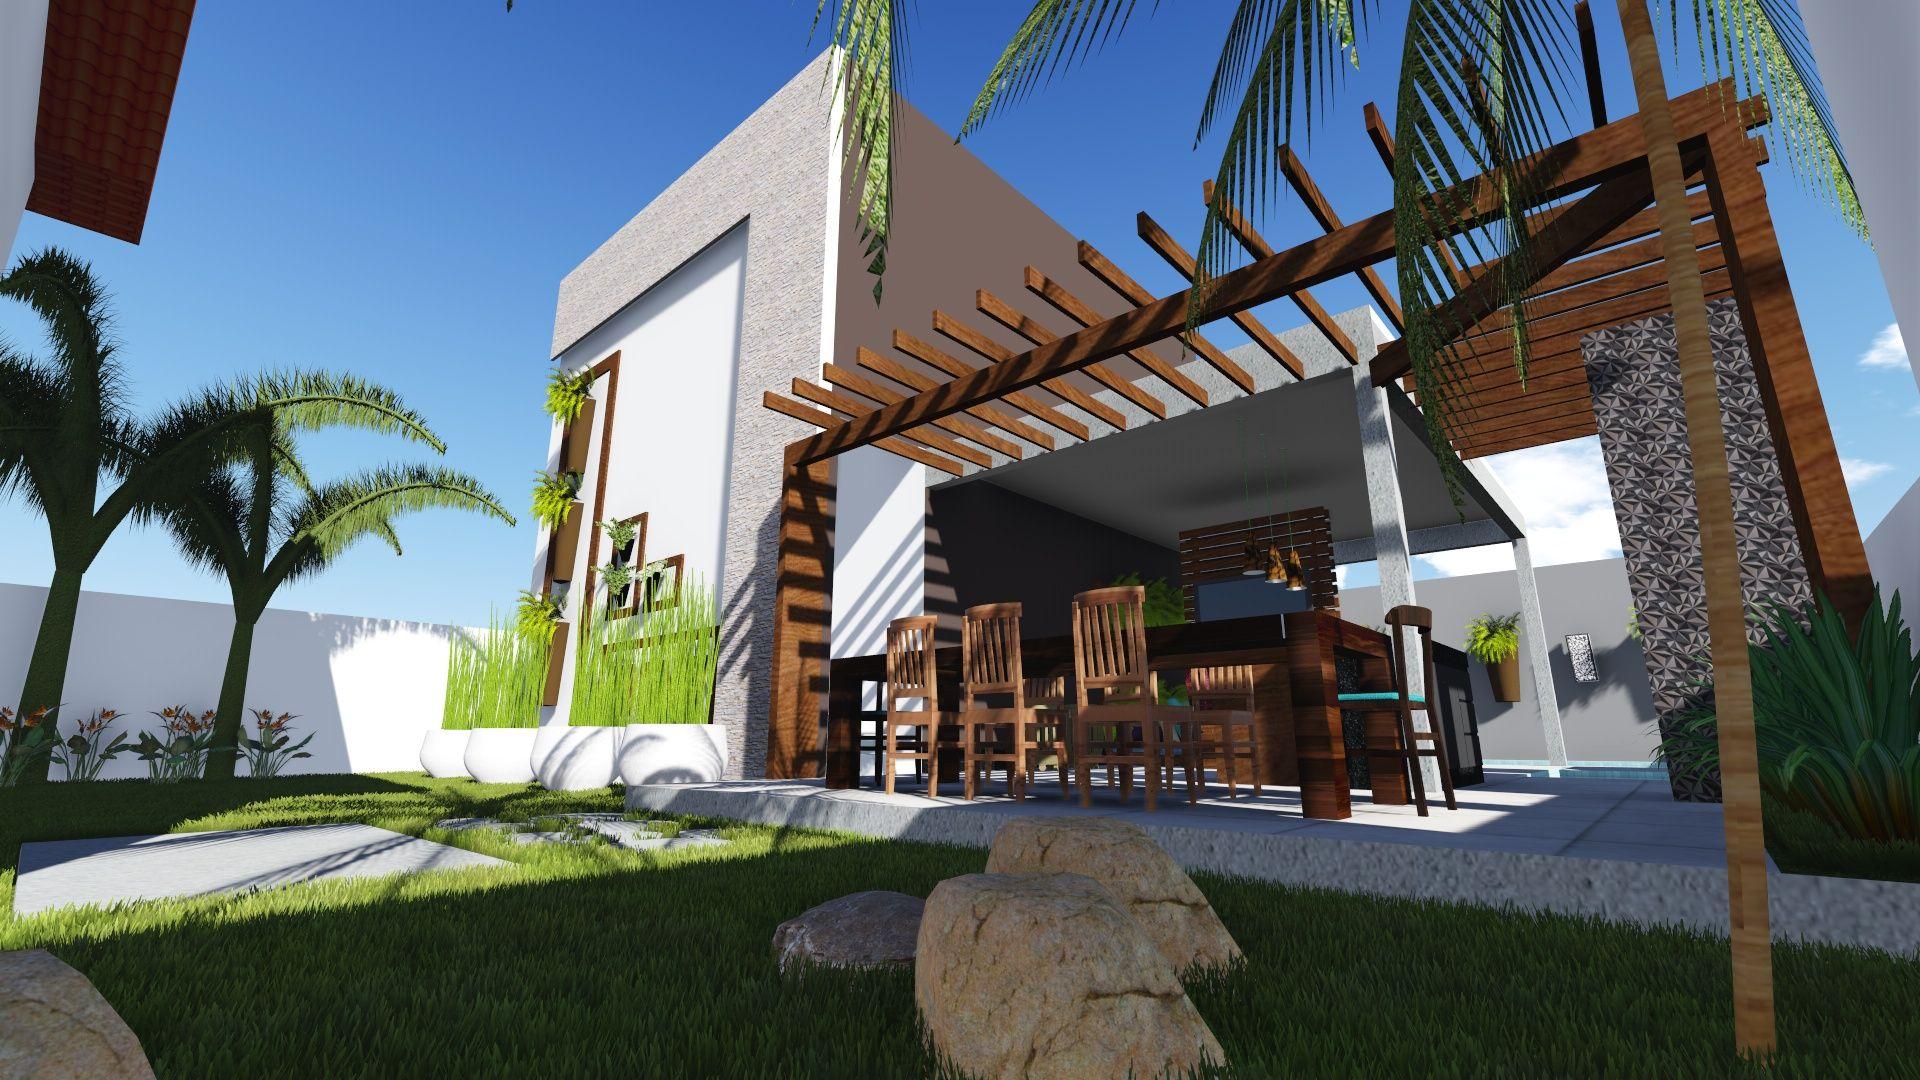 Projeto de Área de lazer em condomínio no bairro Ibituruna Montes Claros - MG  #escritóriovidaverde #AnaPaulaGonçalves #arquiteturaepaisagismo #contrateumarquiteto